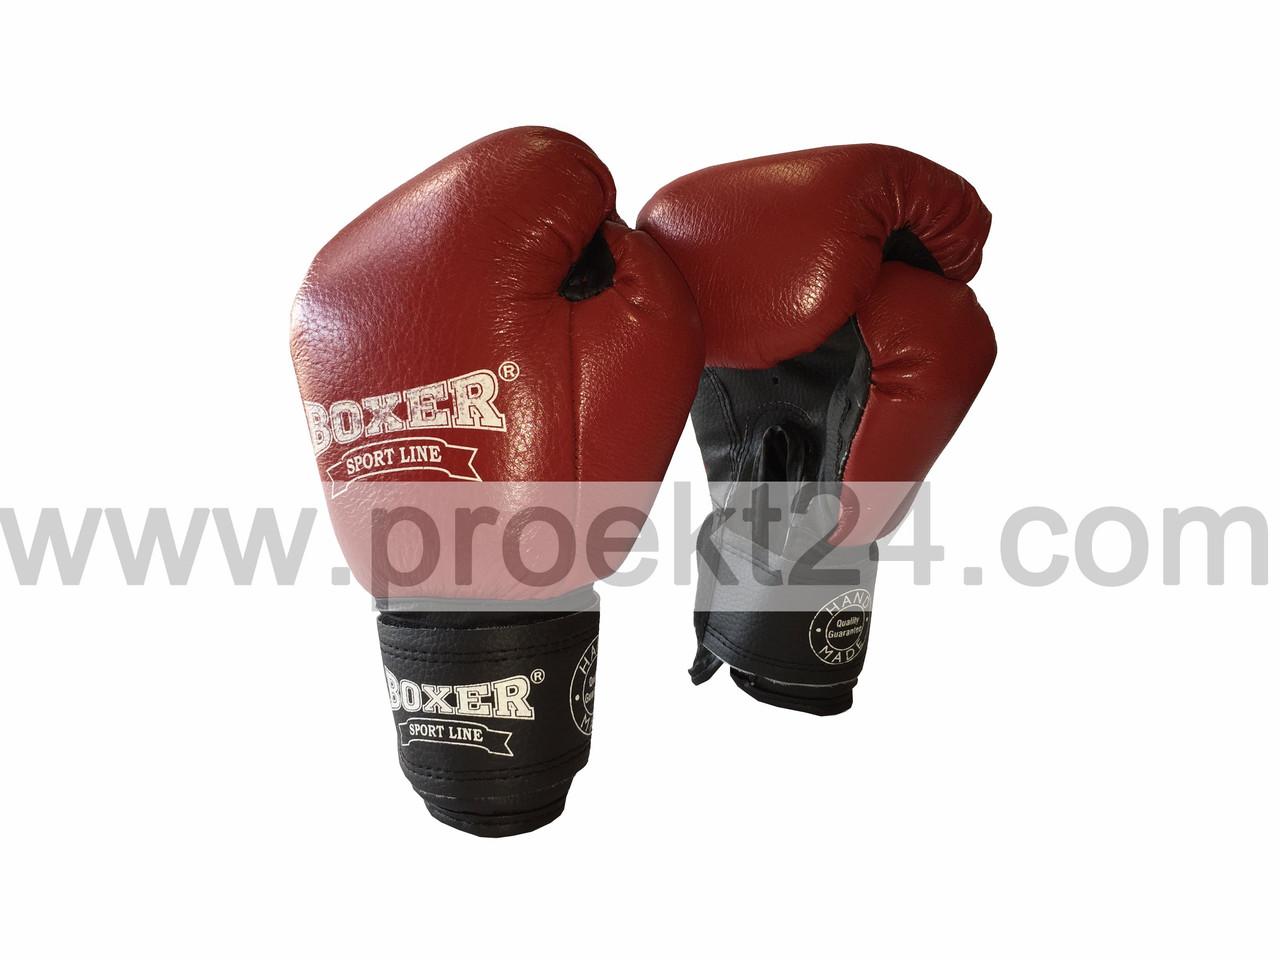 Боксерские перчатки 6оz комбинированные, красные - Глобальные энергосберегающие технологии  в Днепре